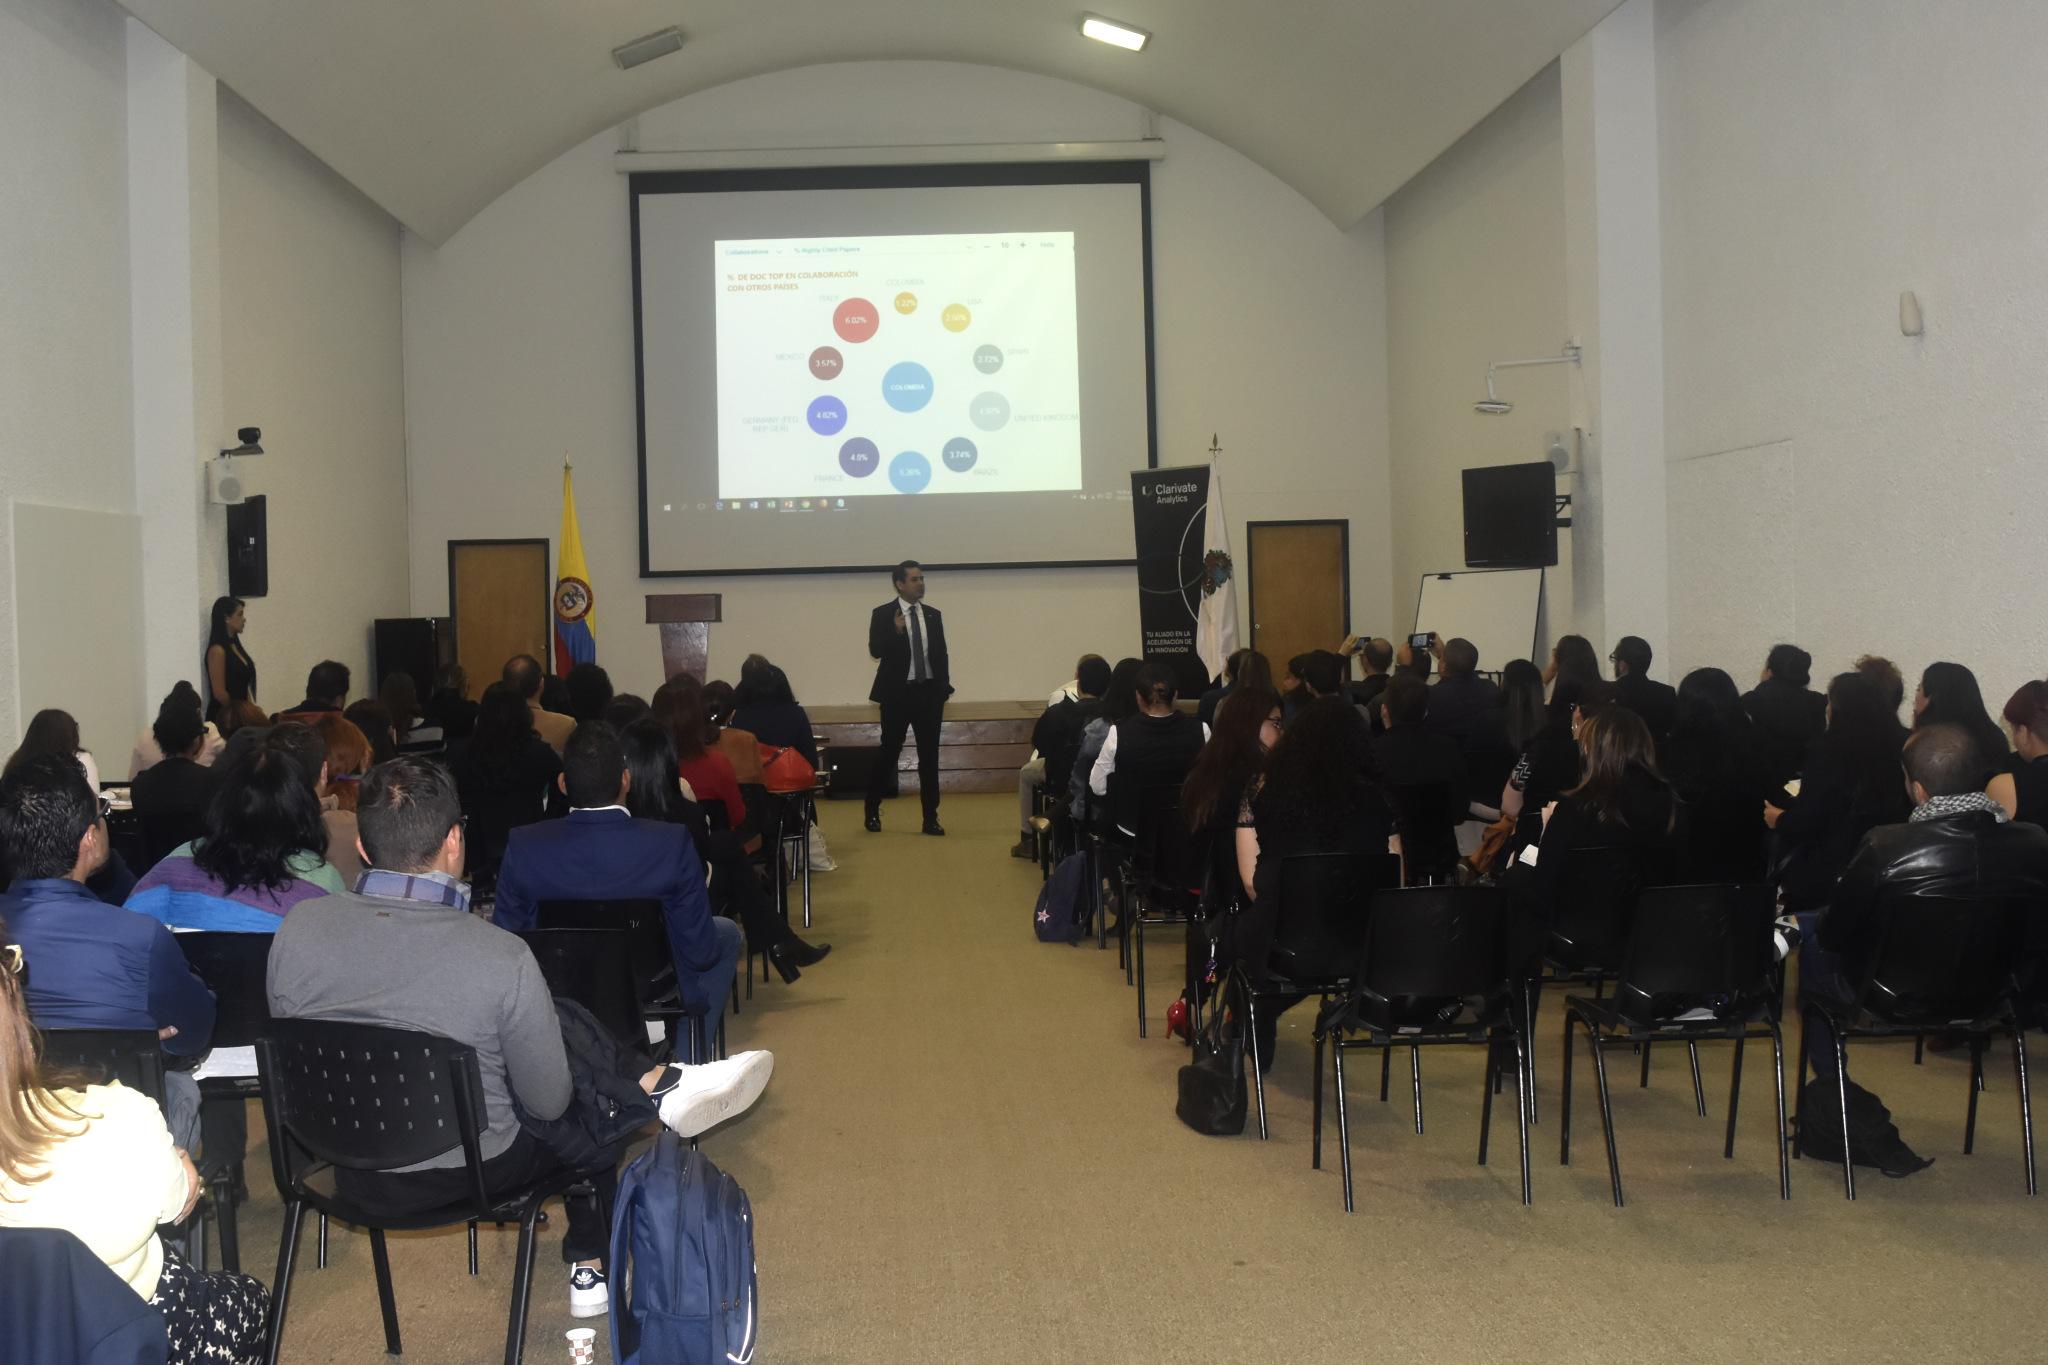 El evento se realizó en el auditorio de la Hemeroteca Nacional Universitaria de la U. N. sede Bogotá (Foto: Camilo Baquero/VRI)